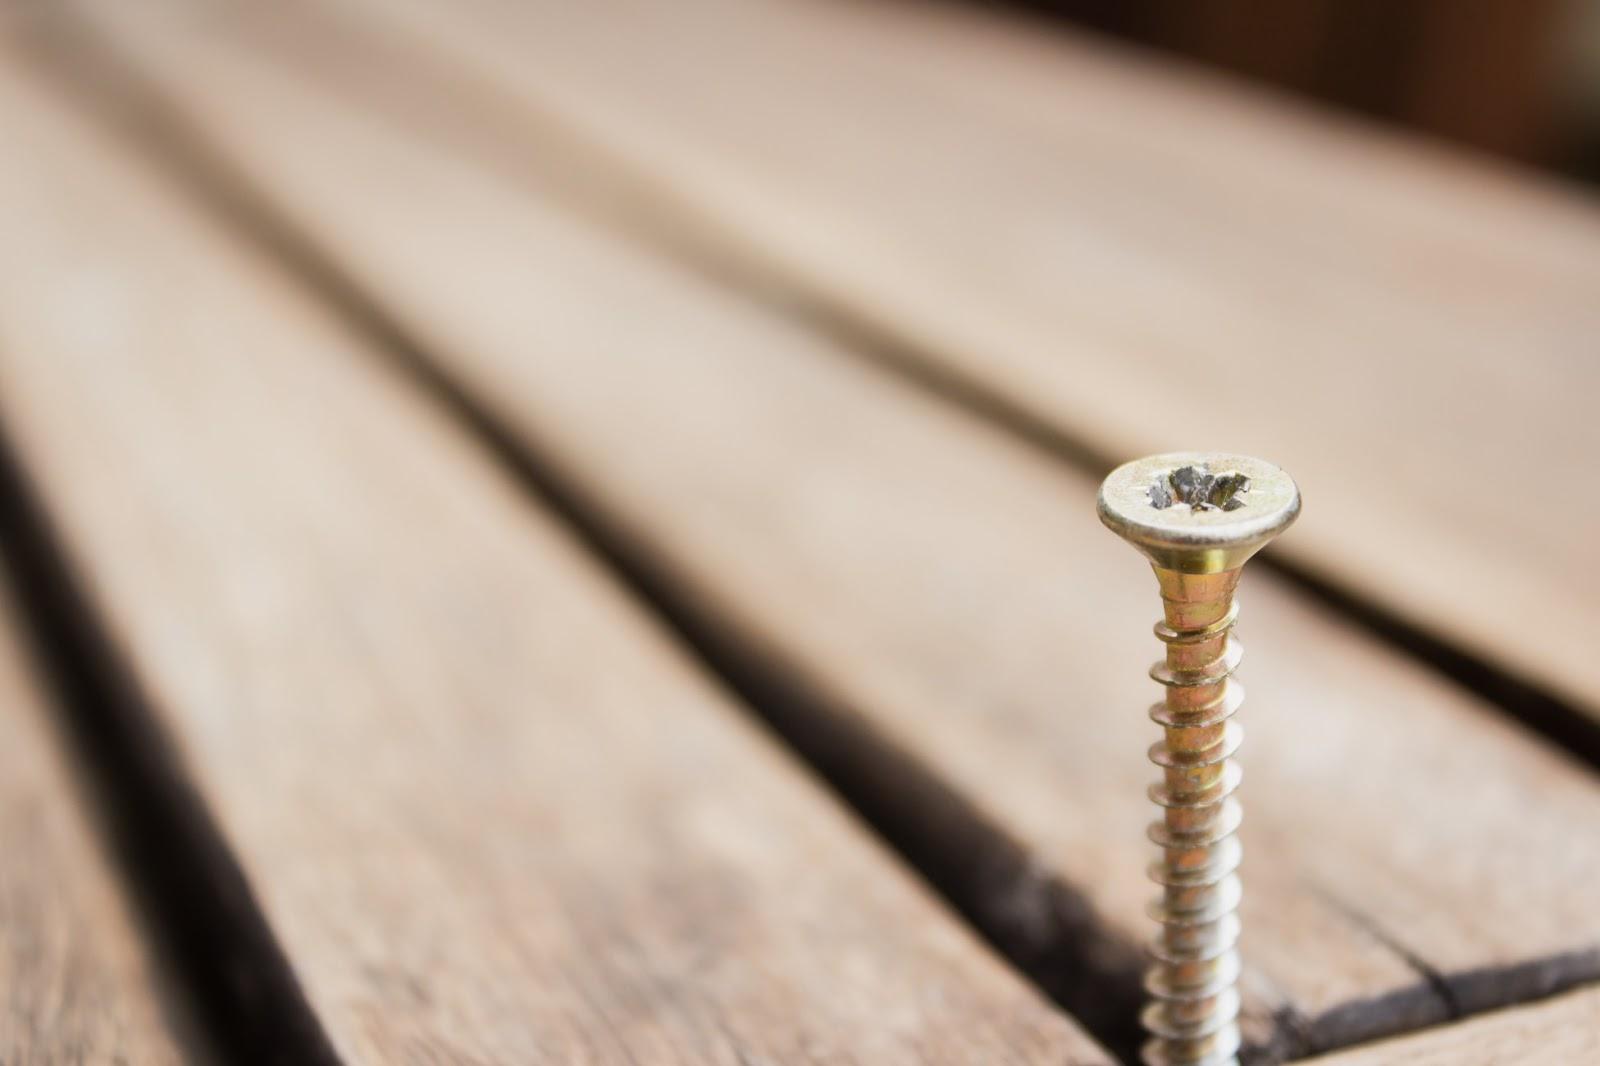 Woraus werden Schrauben hergestellt?